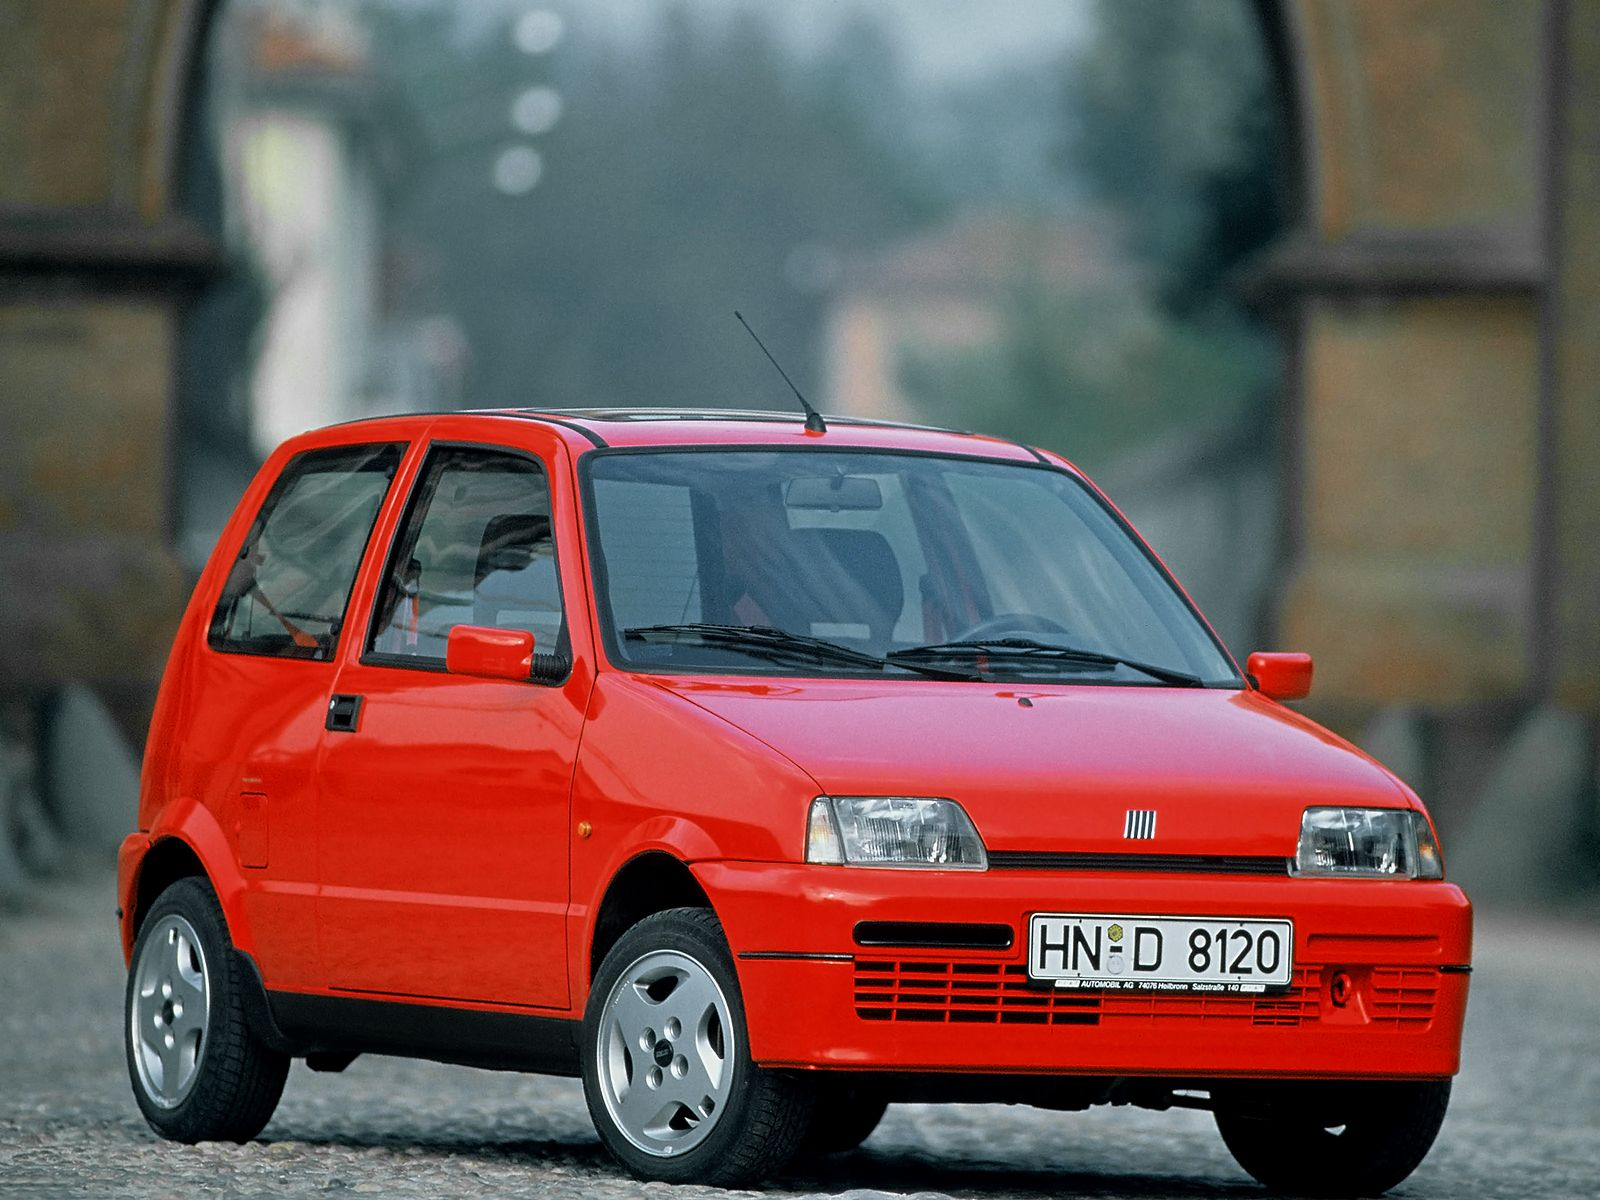 Fiat Cinquecento Sporting Auto Carros Carros Antigos